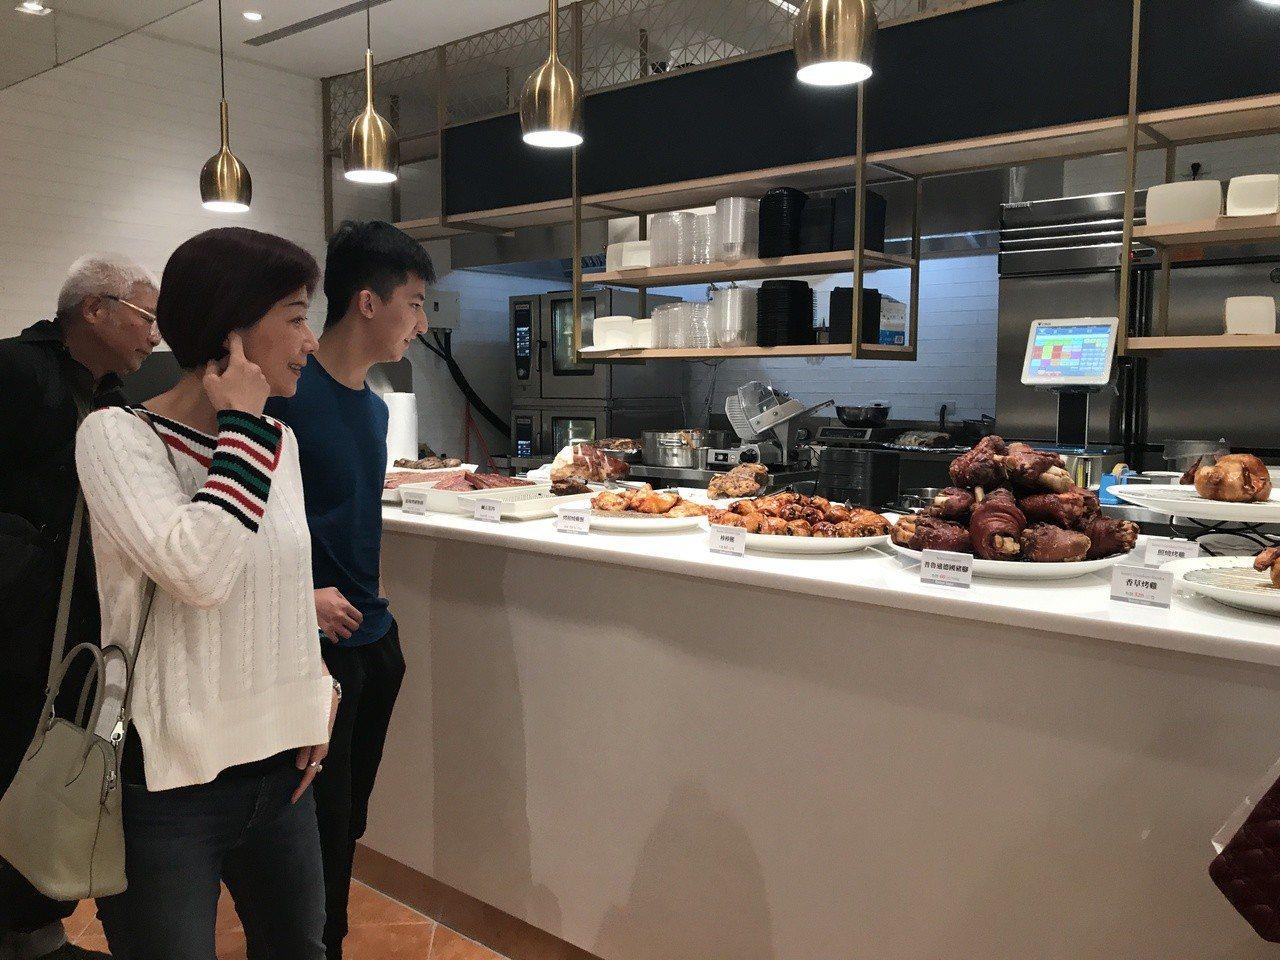 微風超市南山旗艦店的熟食區。記者江佩君/攝影